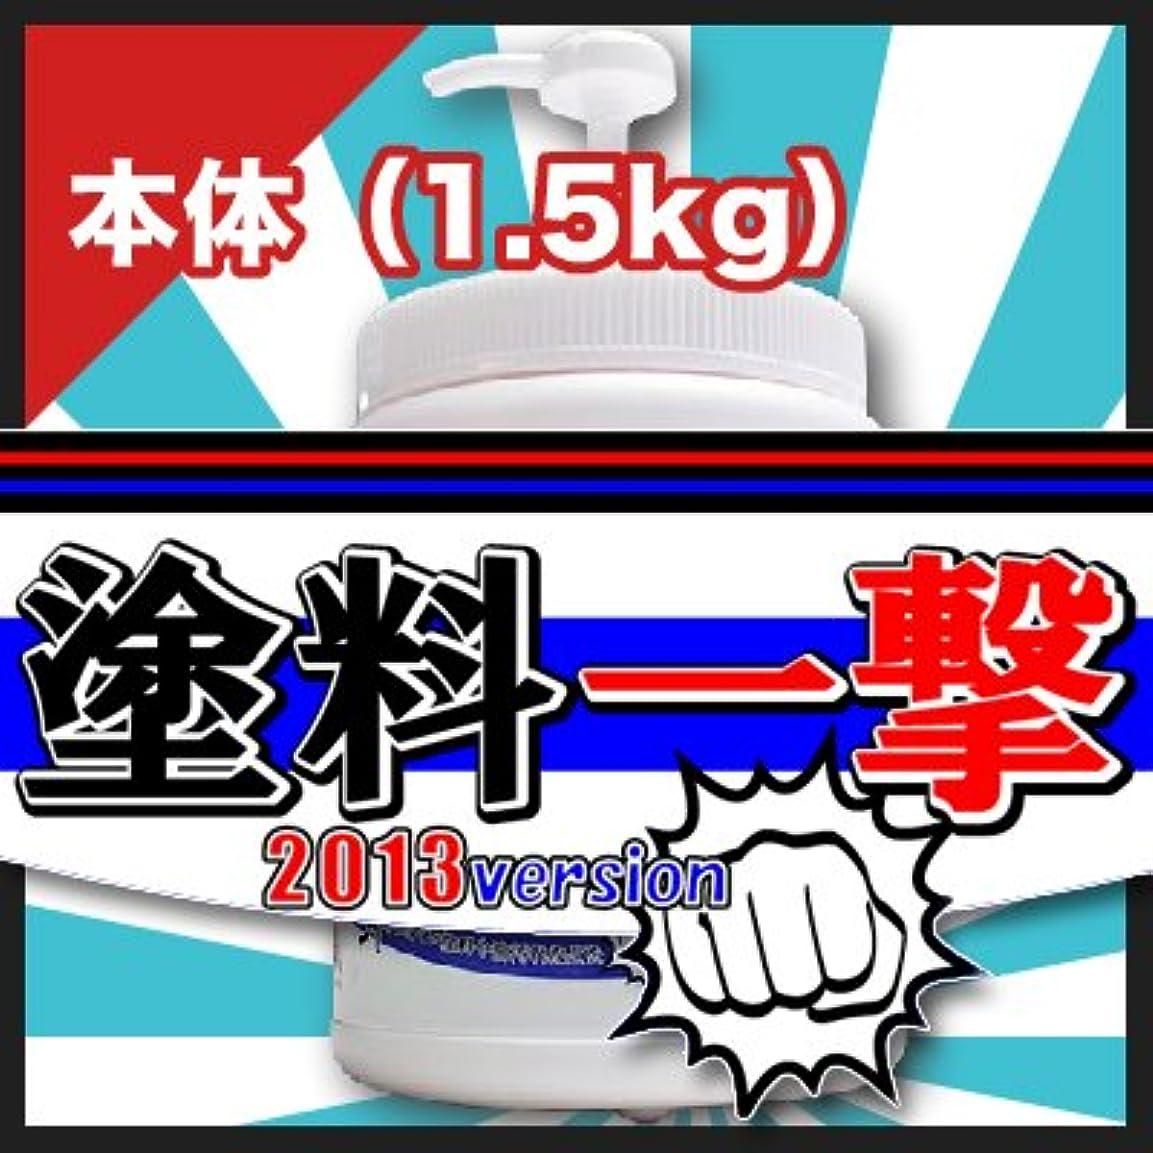 十代の若者たちペンスレプリカD.Iプランニング 塗料一撃 2013 Version 本体 (1.5kg)